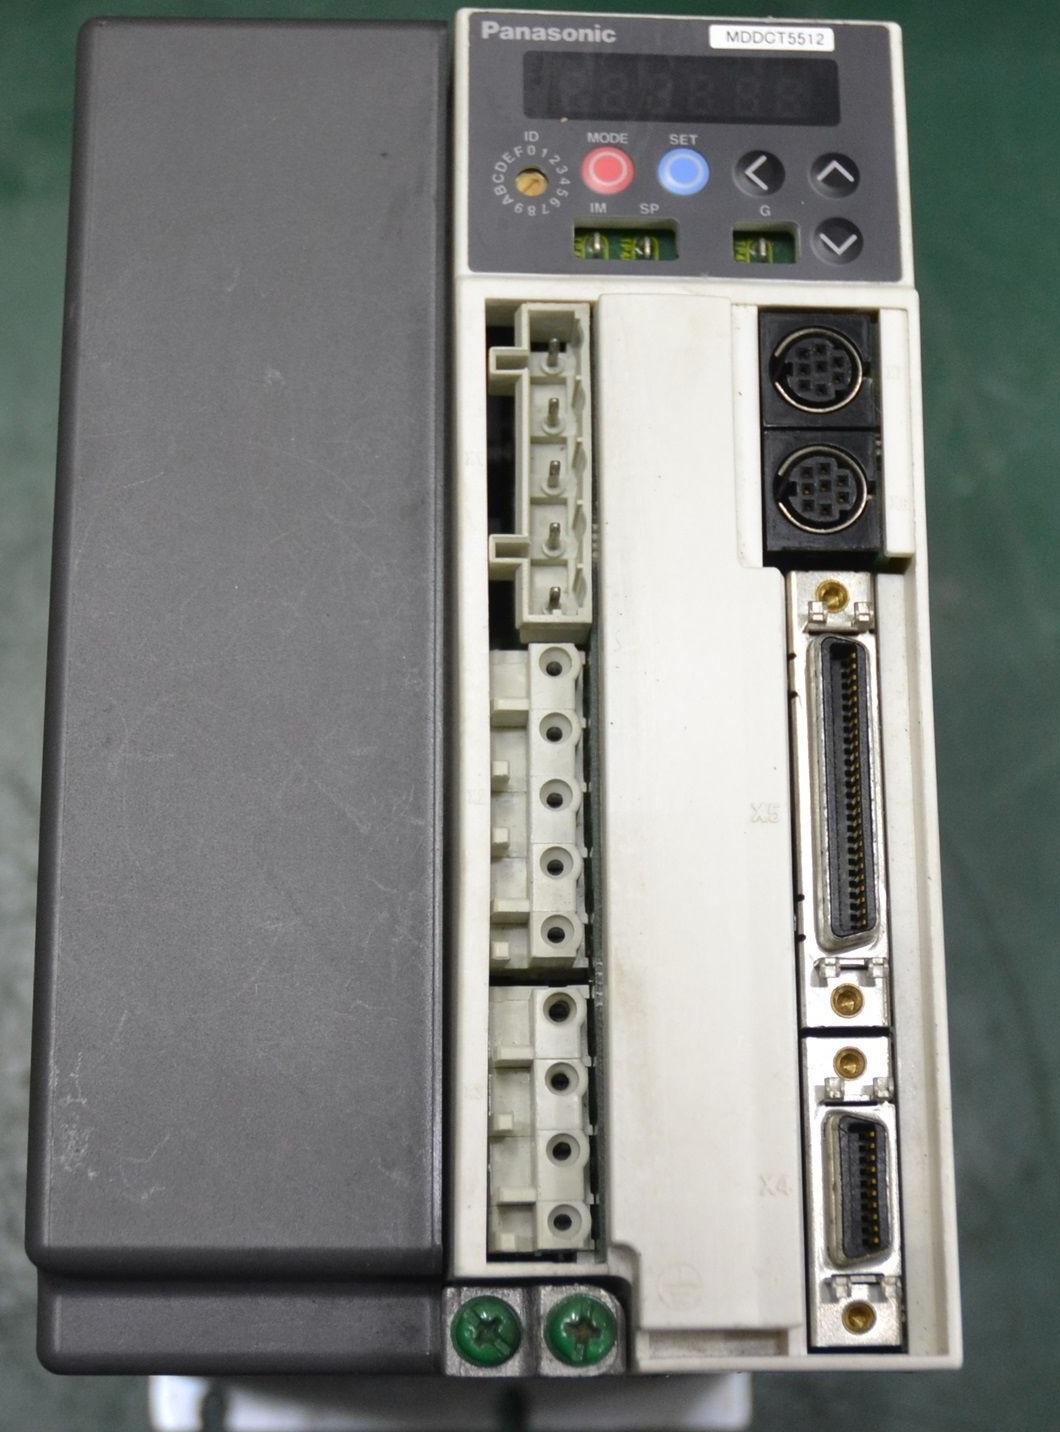 Cách kiểm tra biến tần động cơ servo PLC cũ trước khi mua